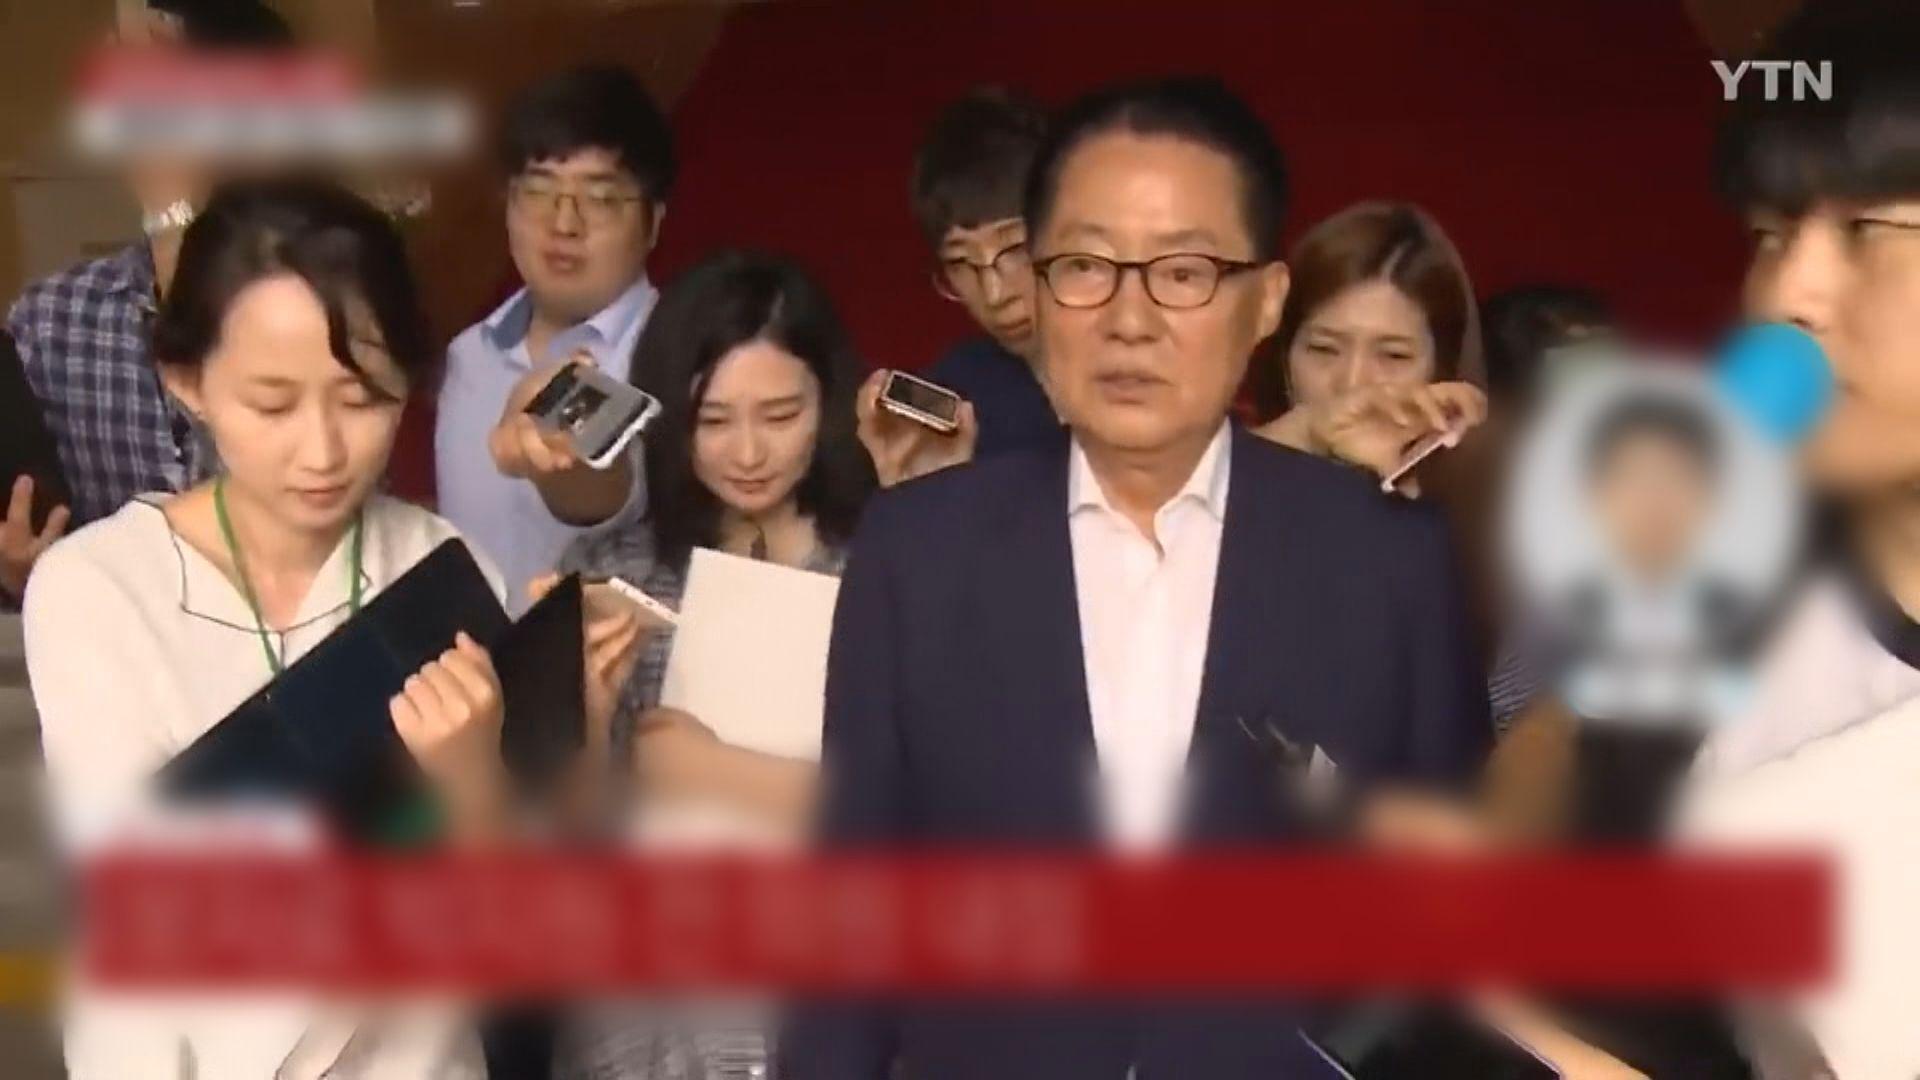 報道指美日韓情報部門首長將討論北韓等議題